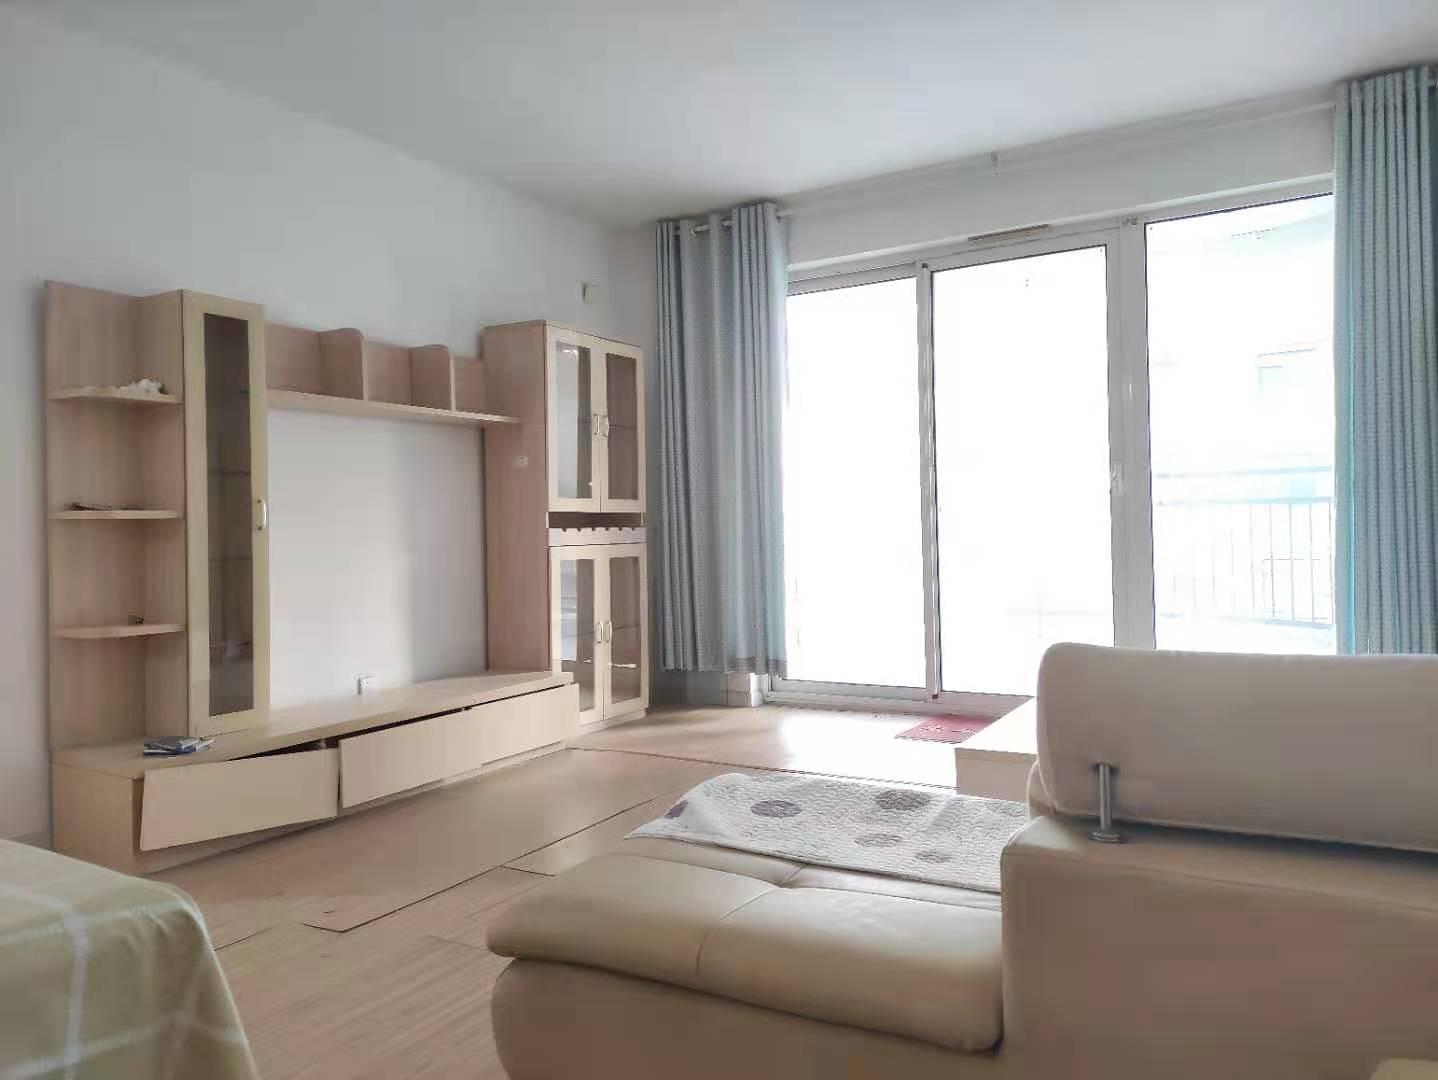 灵山卫片区 海印长天 3室2厅